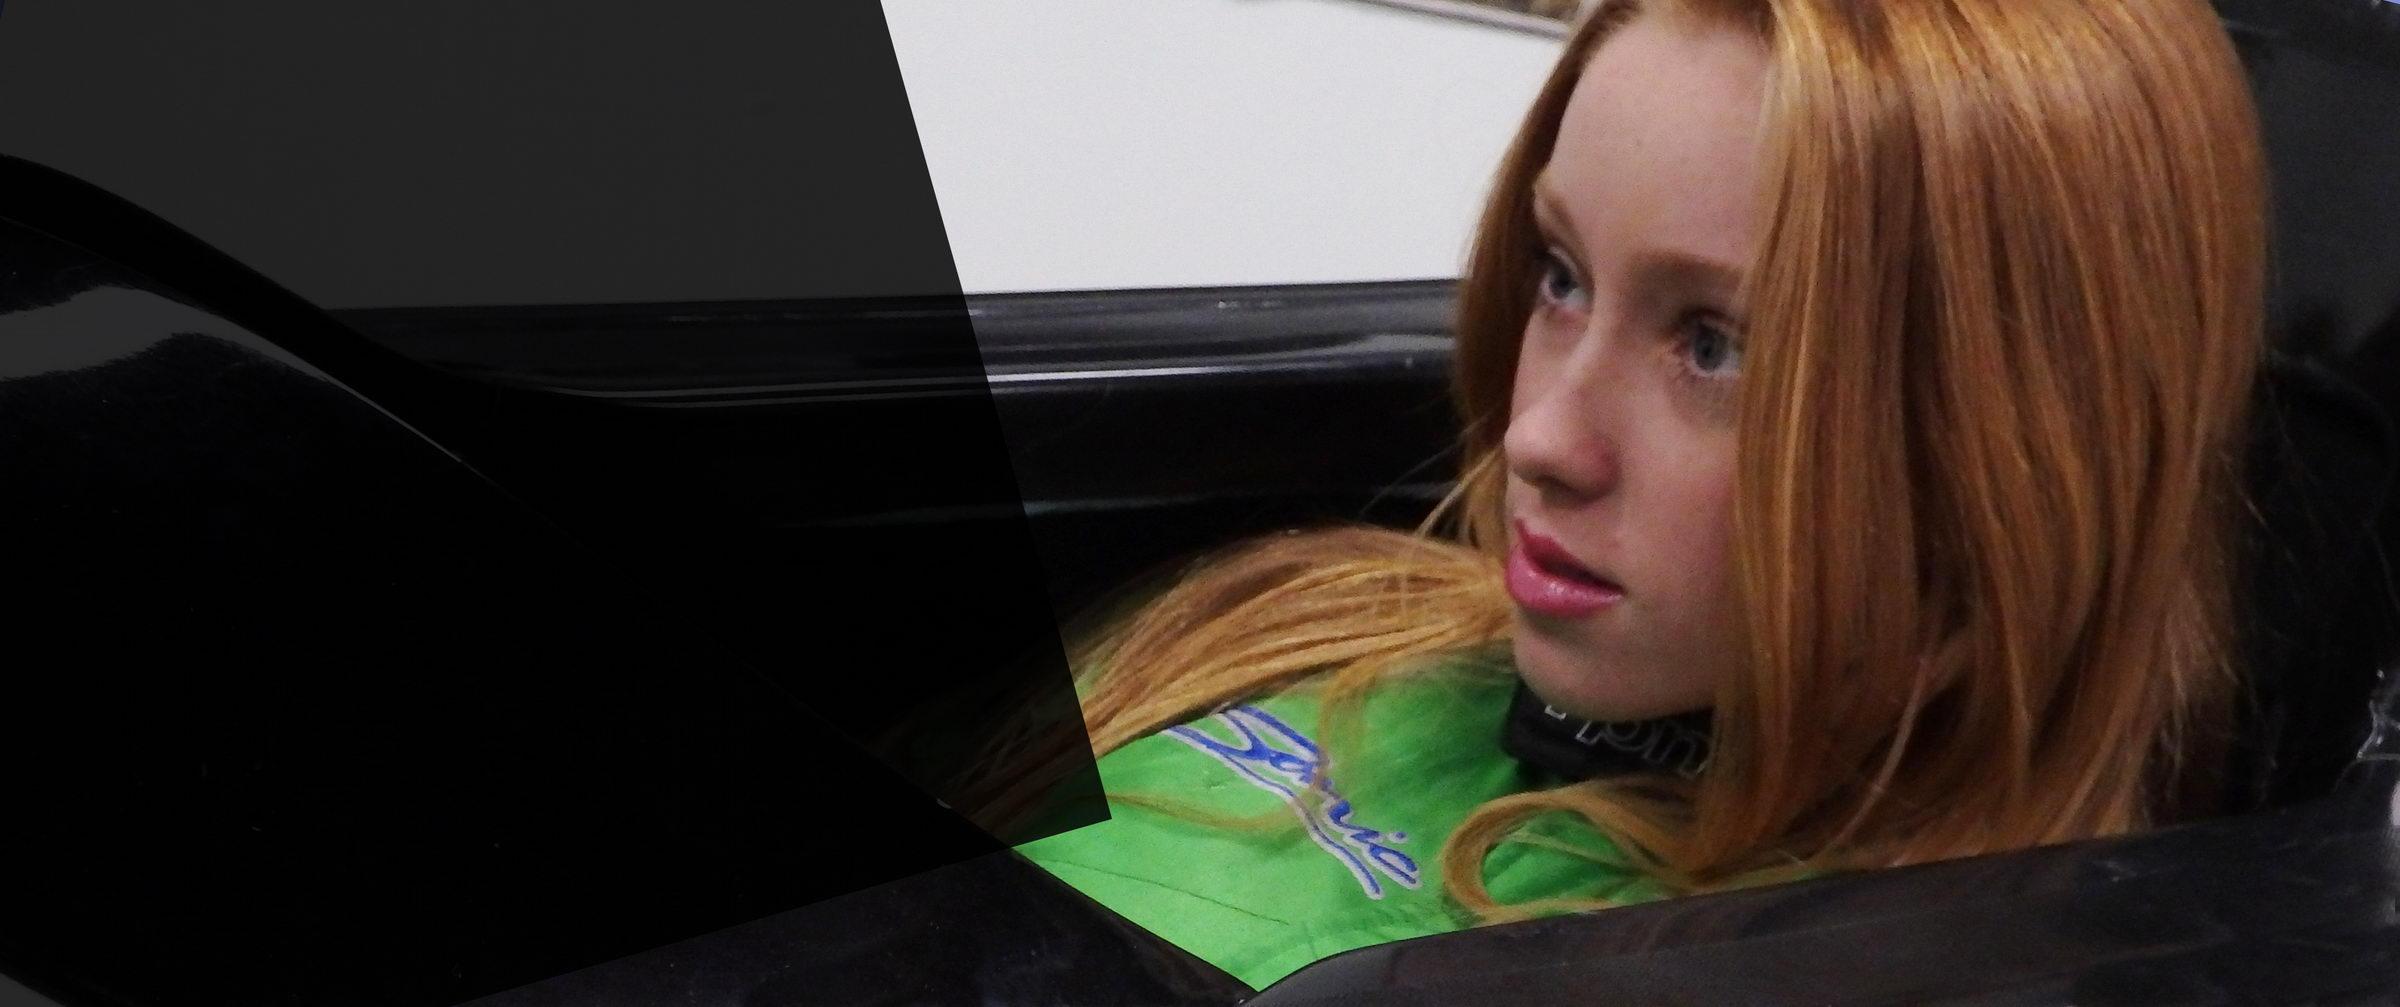 Courtney Prince motorsport